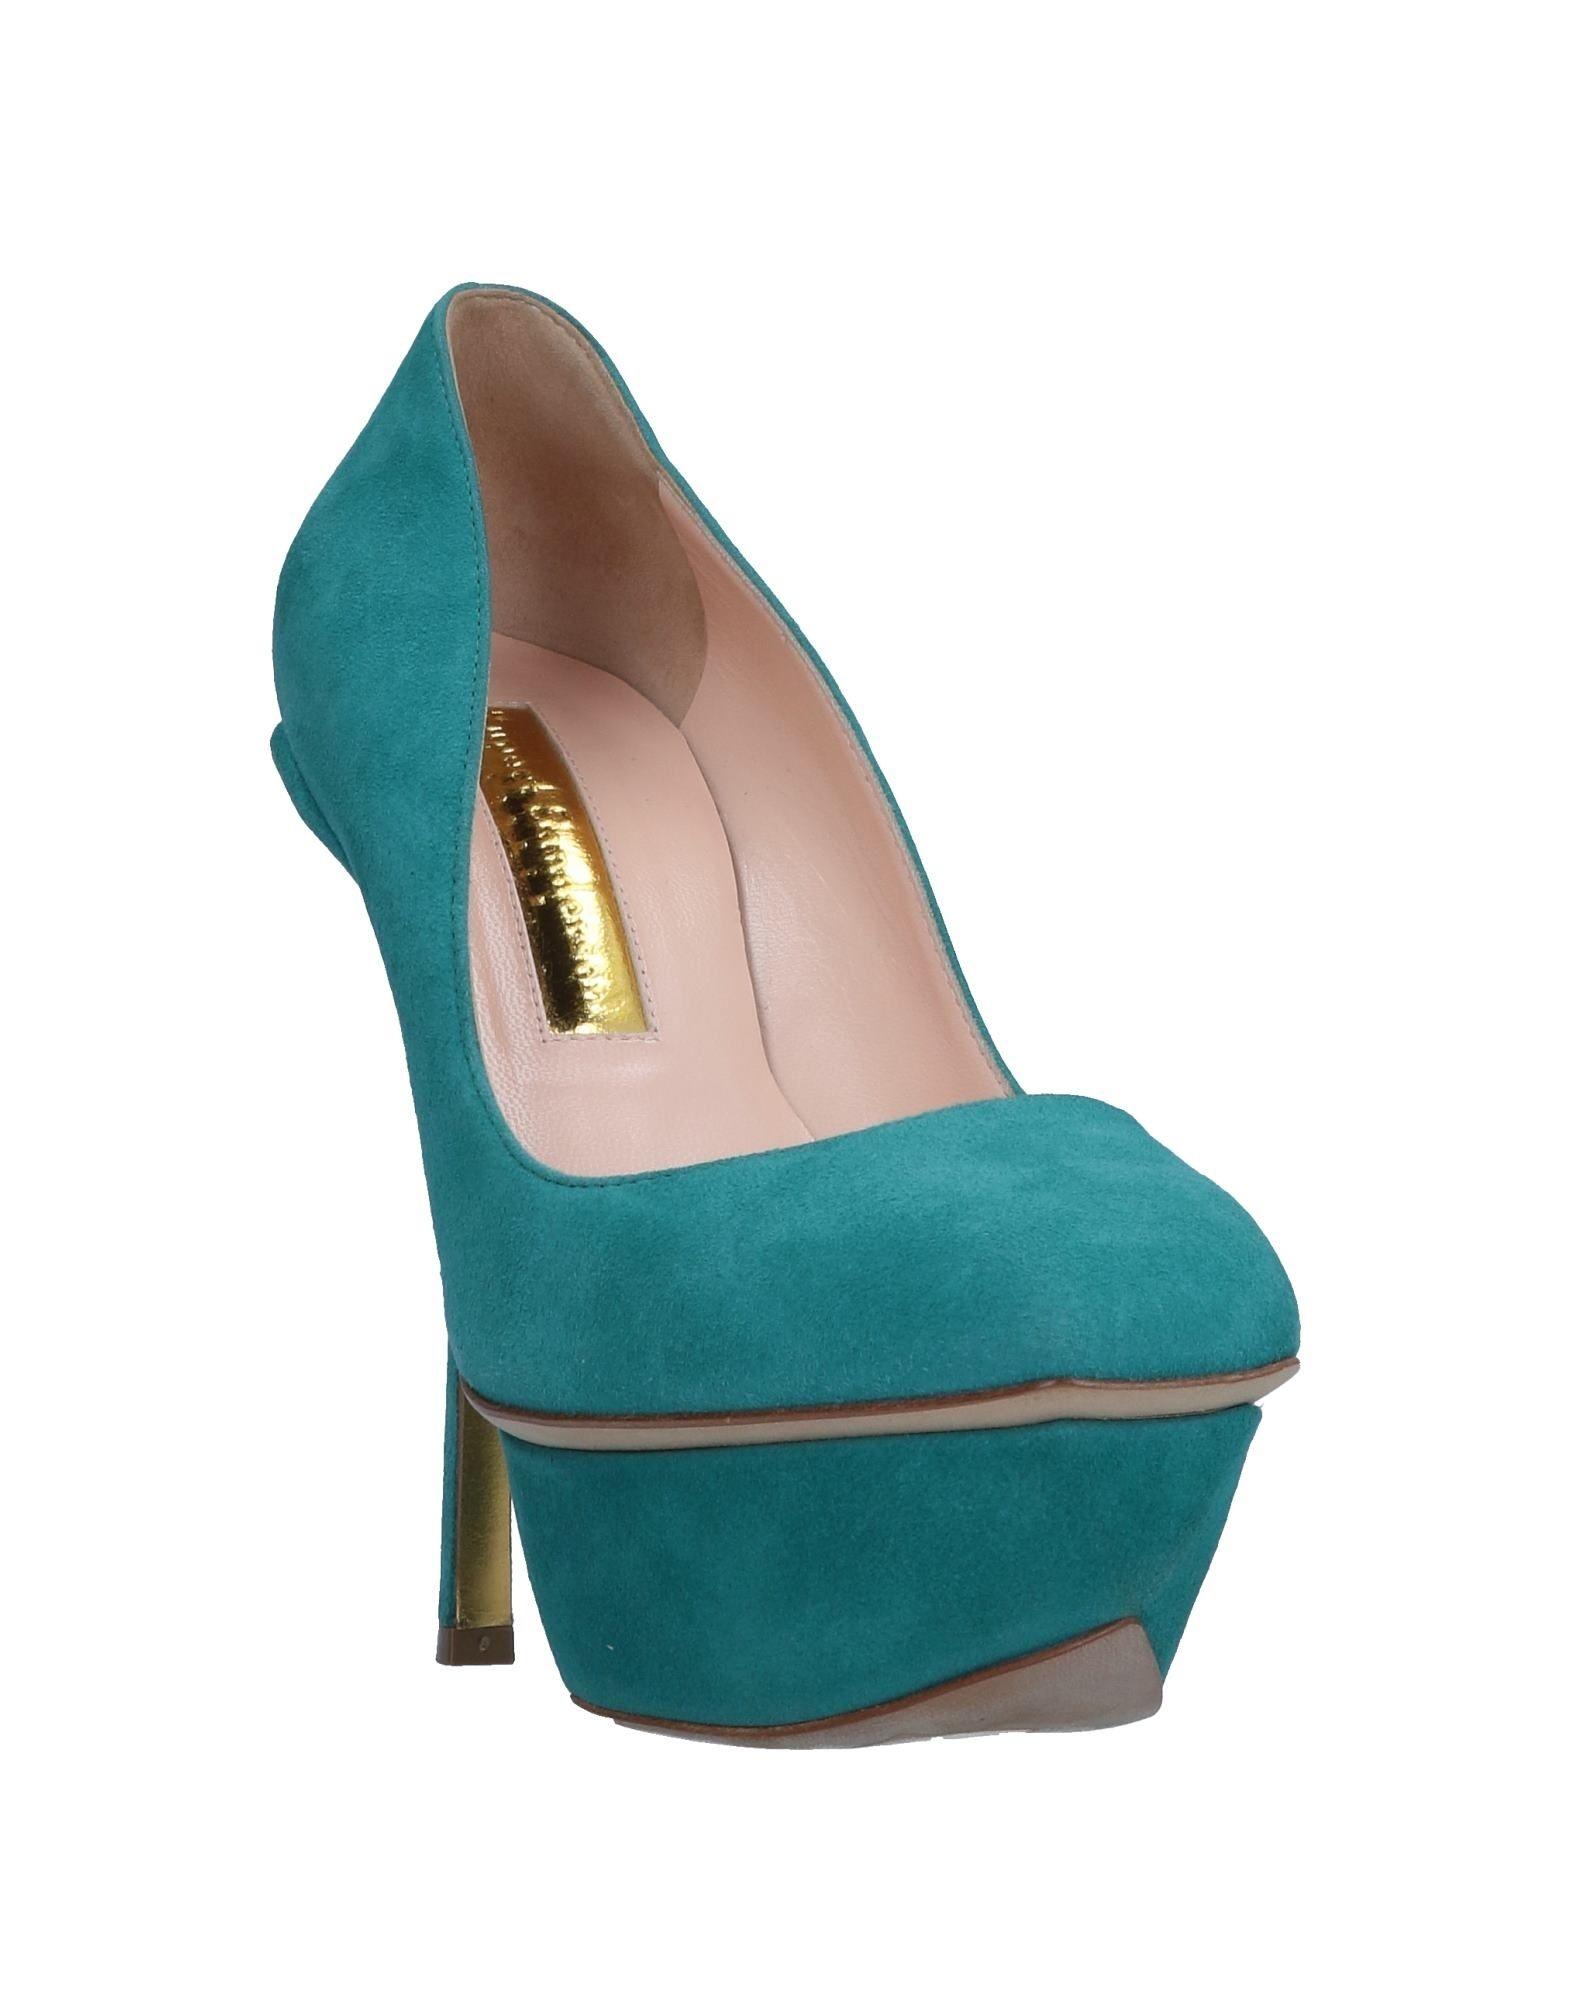 Rupert Sanderson Pumps Damen Schuhe  11544027UUGünstige gut aussehende Schuhe Damen cea947